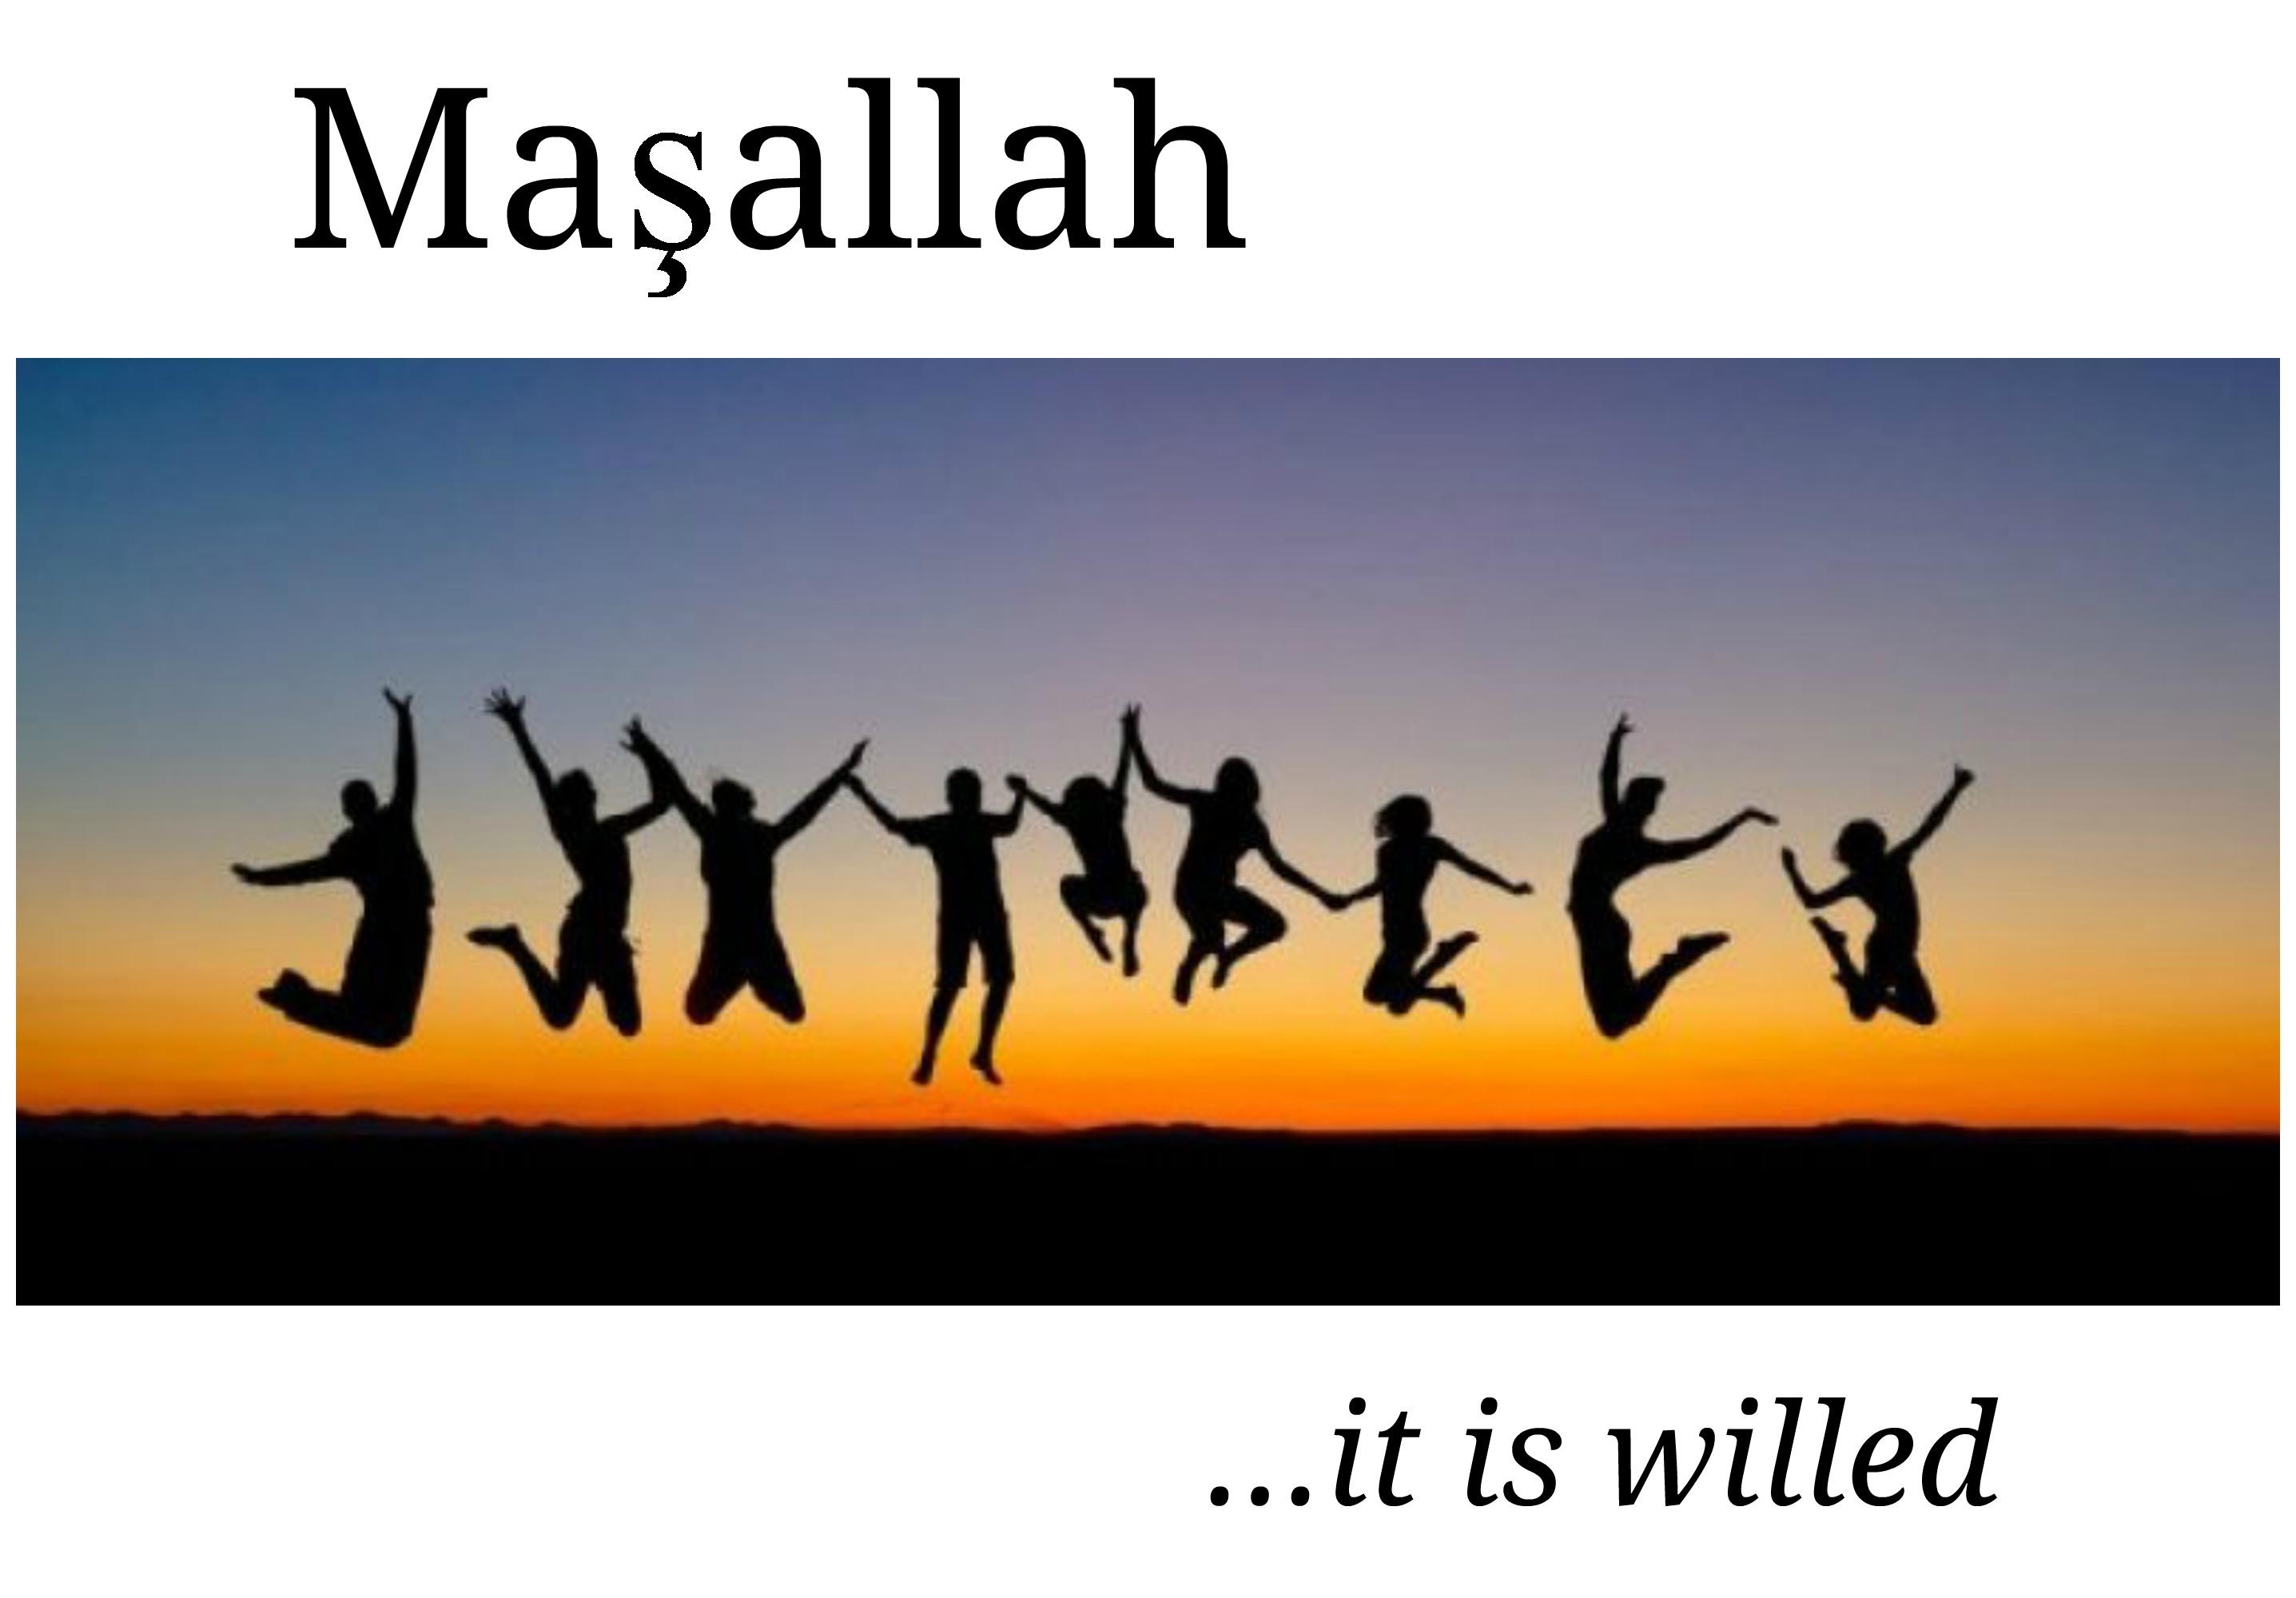 Masallah Turkish language